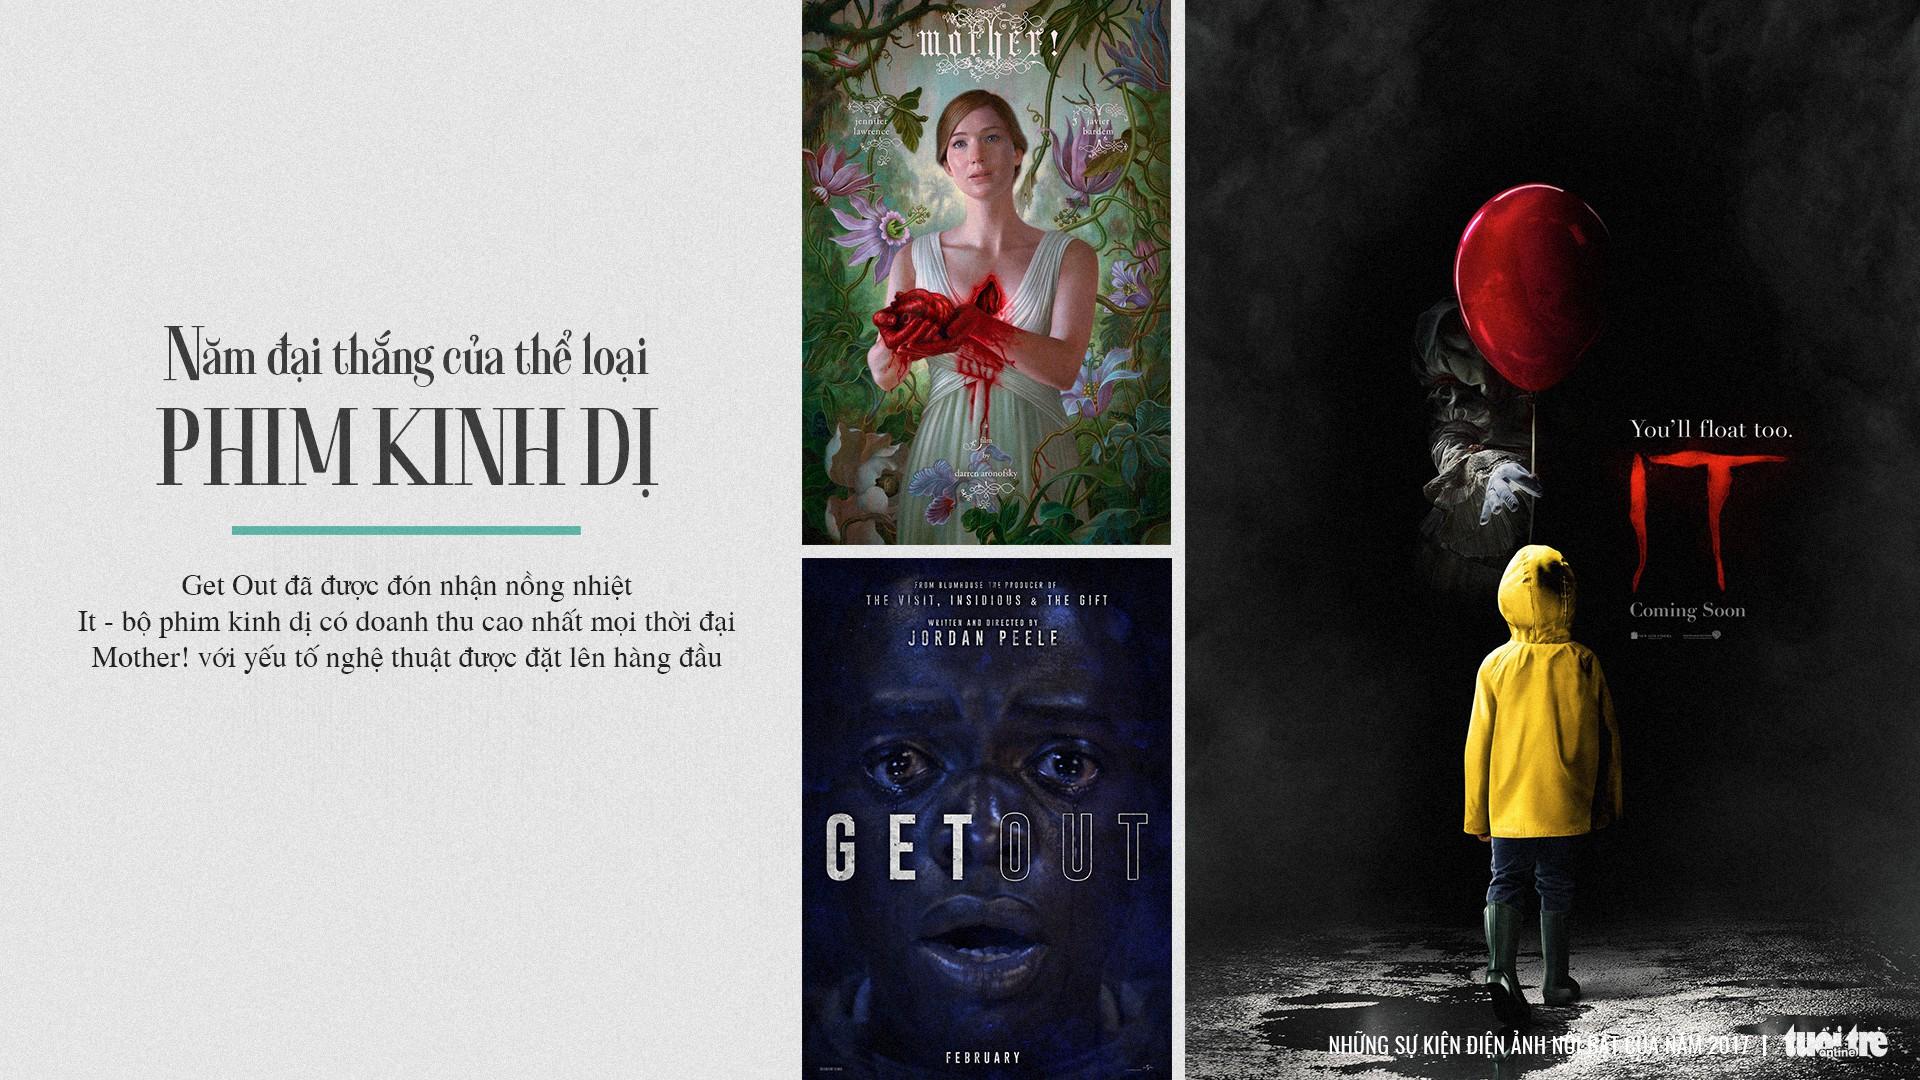 Những sự kiện điện ảnh nổi bật của năm 2017 - Ảnh 5.